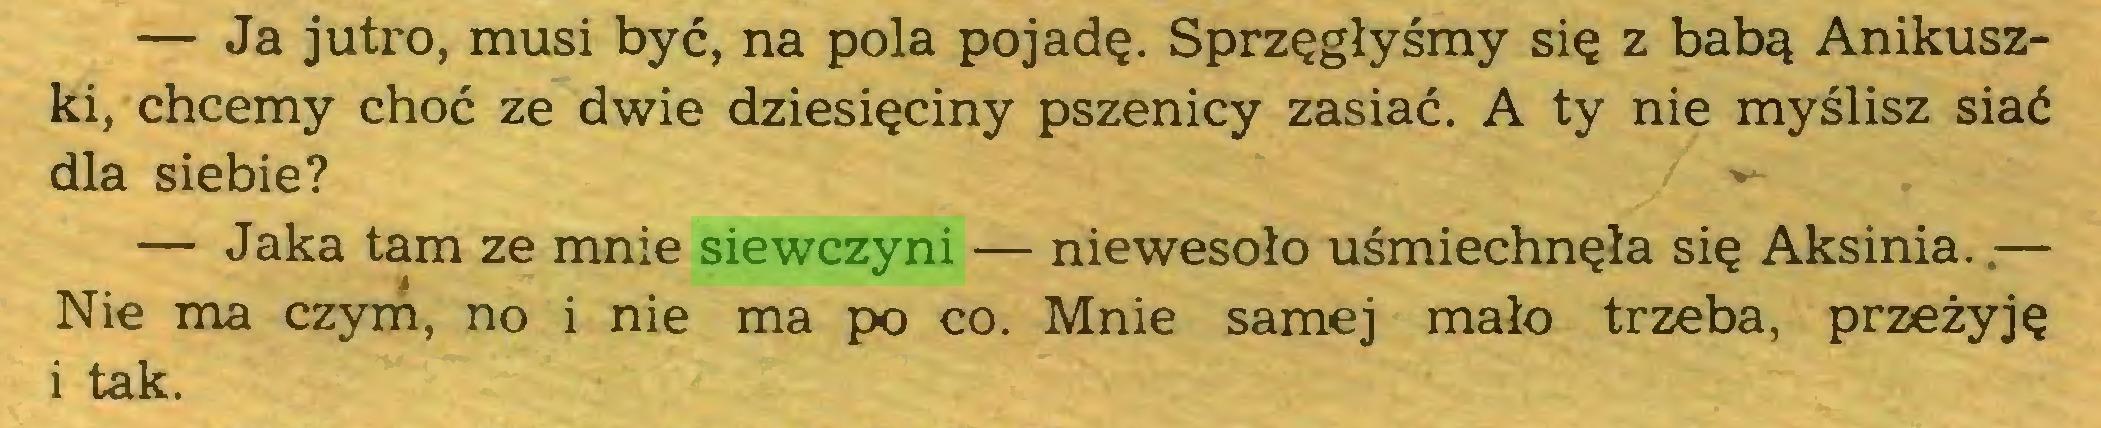 (...) — Ja jutro, musi być, na pola pojadę. Sprzęgłyśmy się z babą Anikuszki, chcemy choć ze dwie dziesięciny pszenicy zasiać. A ty nie myślisz siać dla siebie? »*— Jaka tam ze mnie siewczyni — niewesoło uśmiechnęła się Aksinia..— Nie ma czym, no i nie ma po co. Mnie samej mało trzeba, przeżyję i tak...